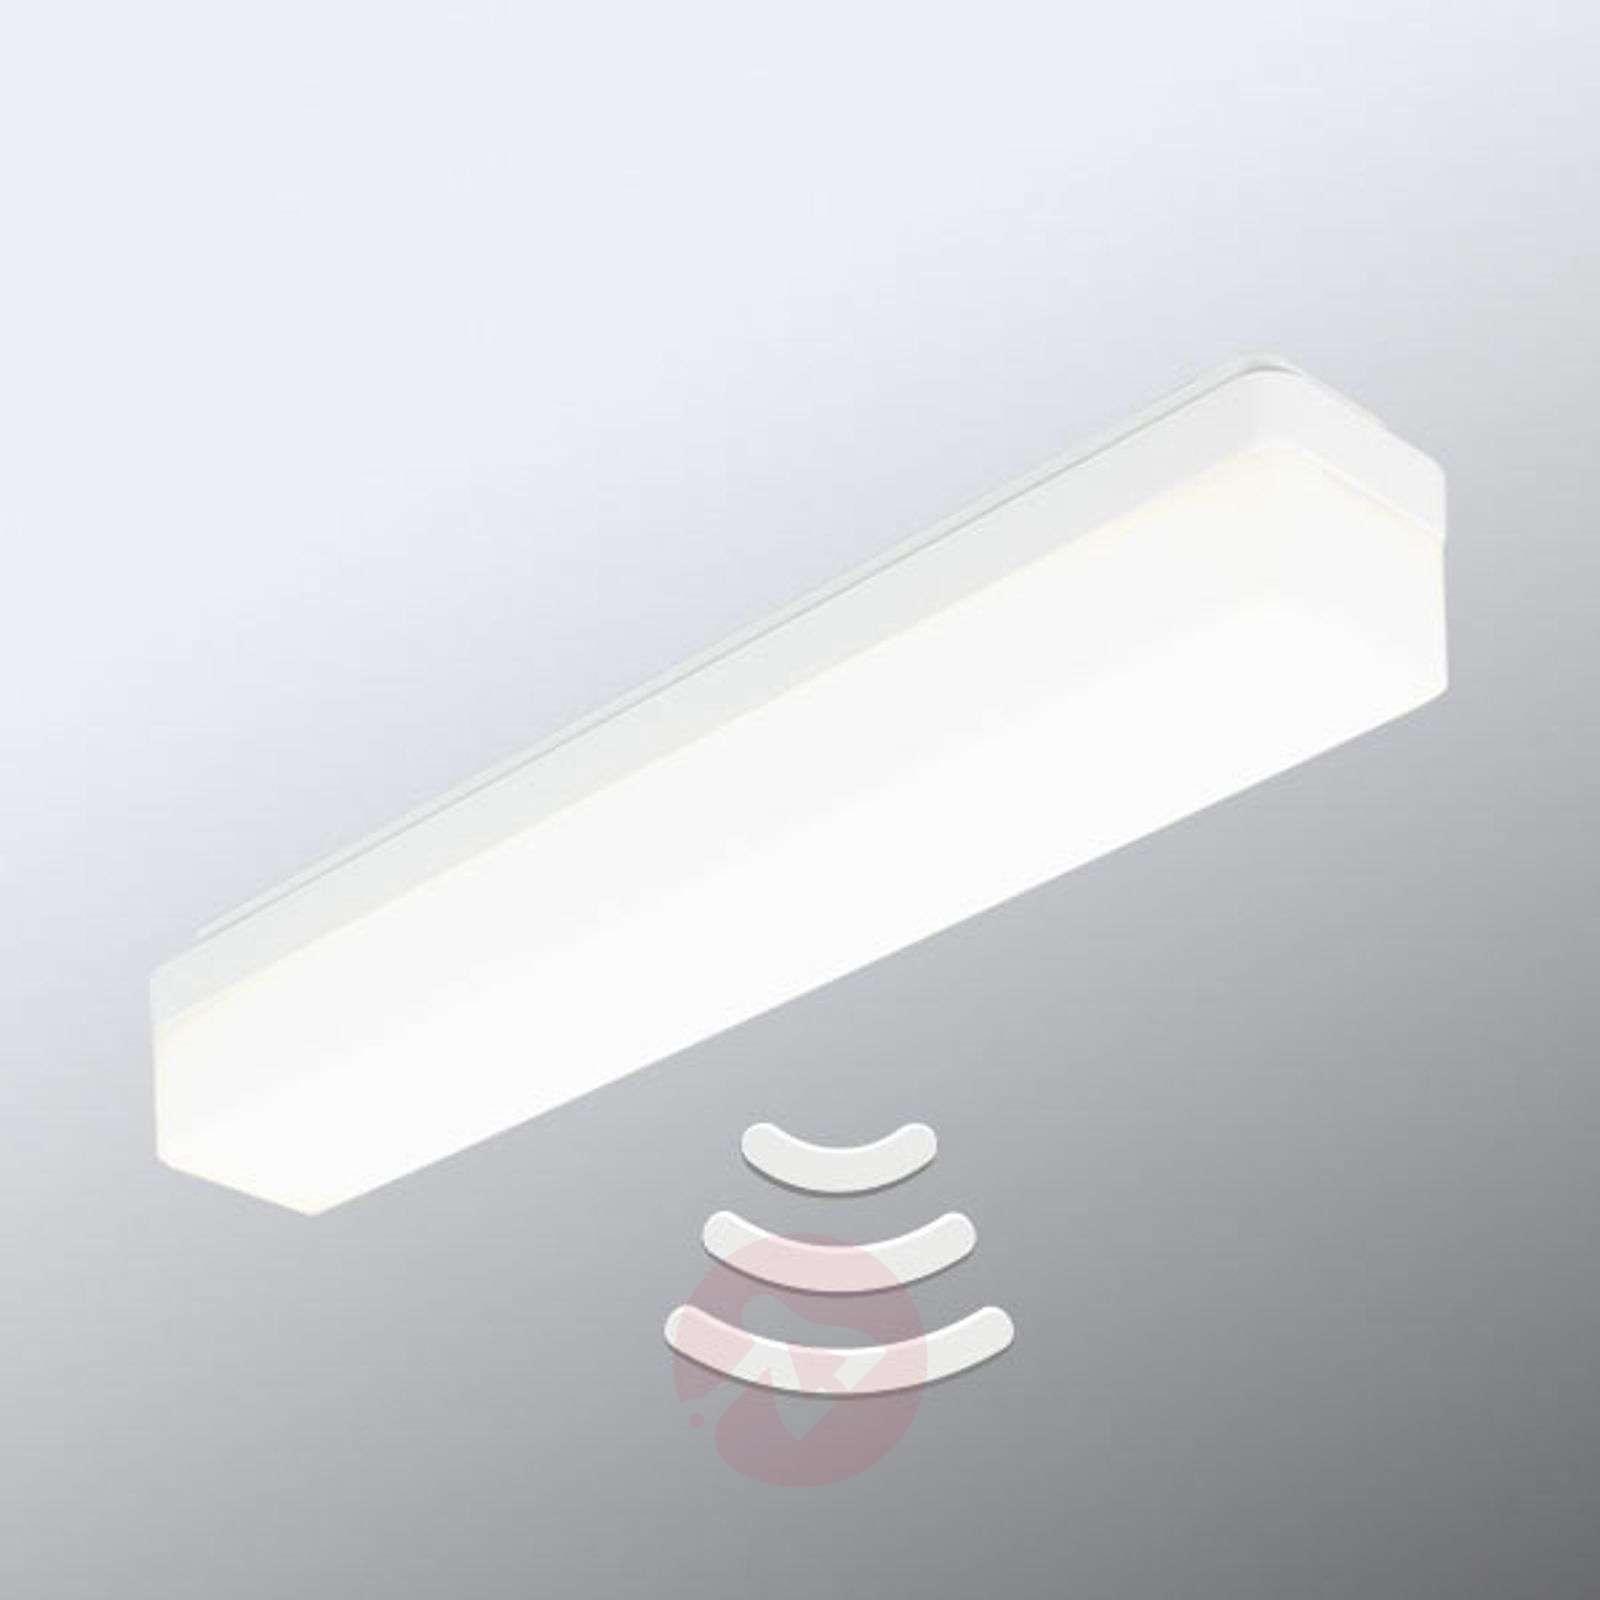 LED-peili-seinävalo A70-W365 1000 HF 15W Sensor-6040205-01